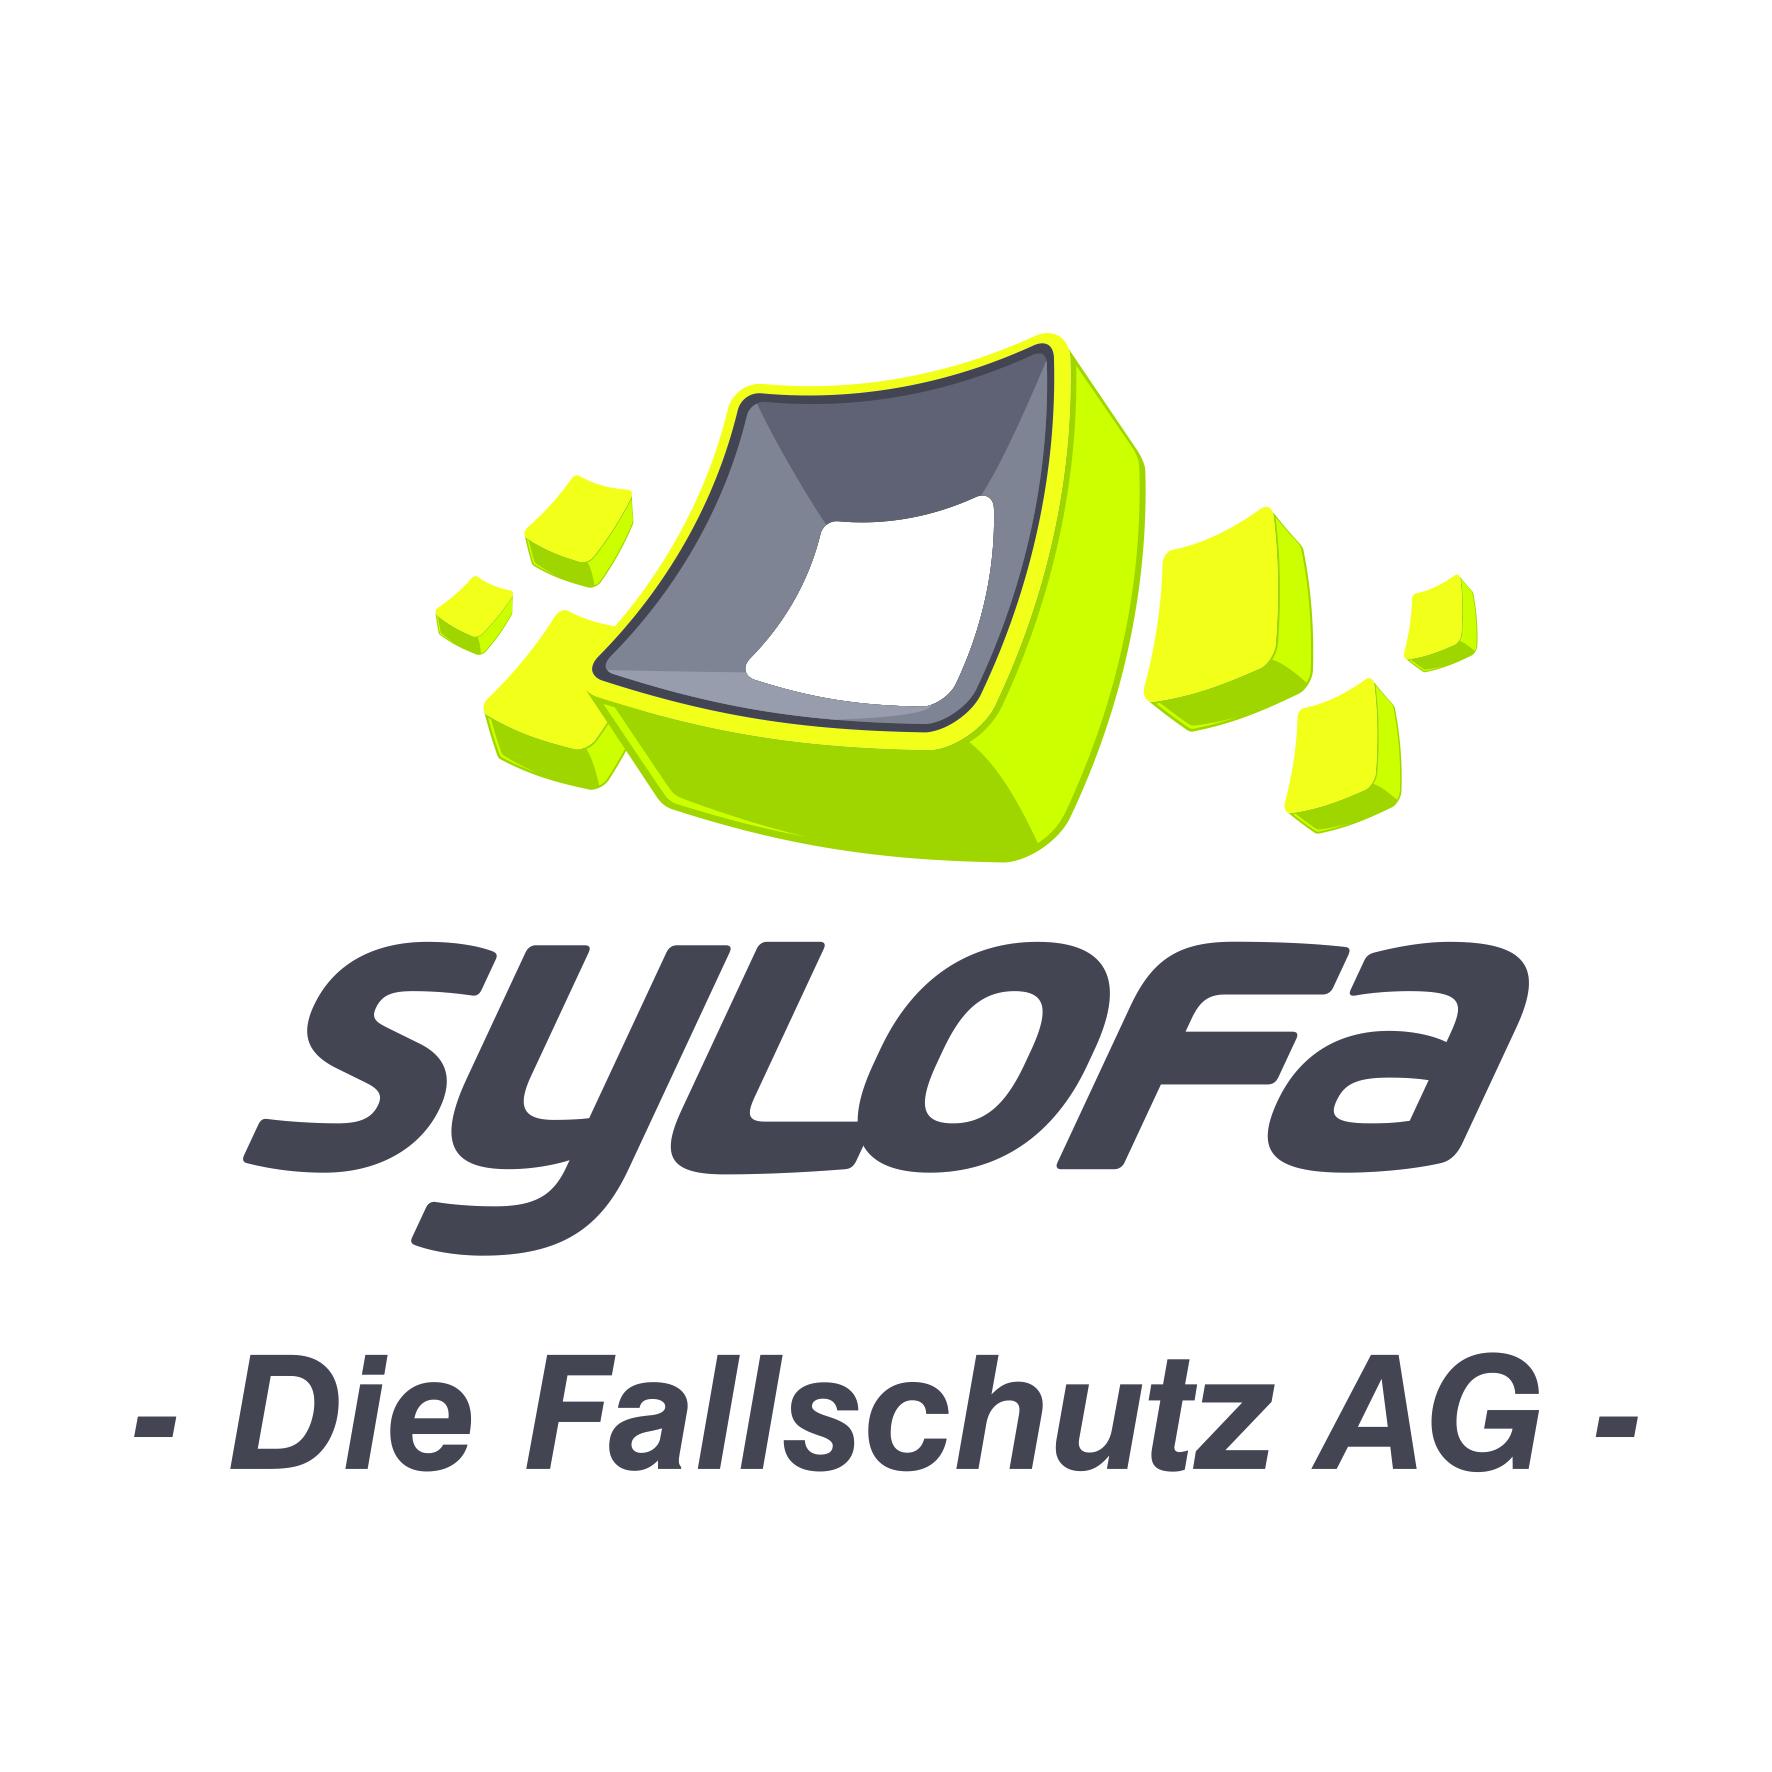 SyLoFa